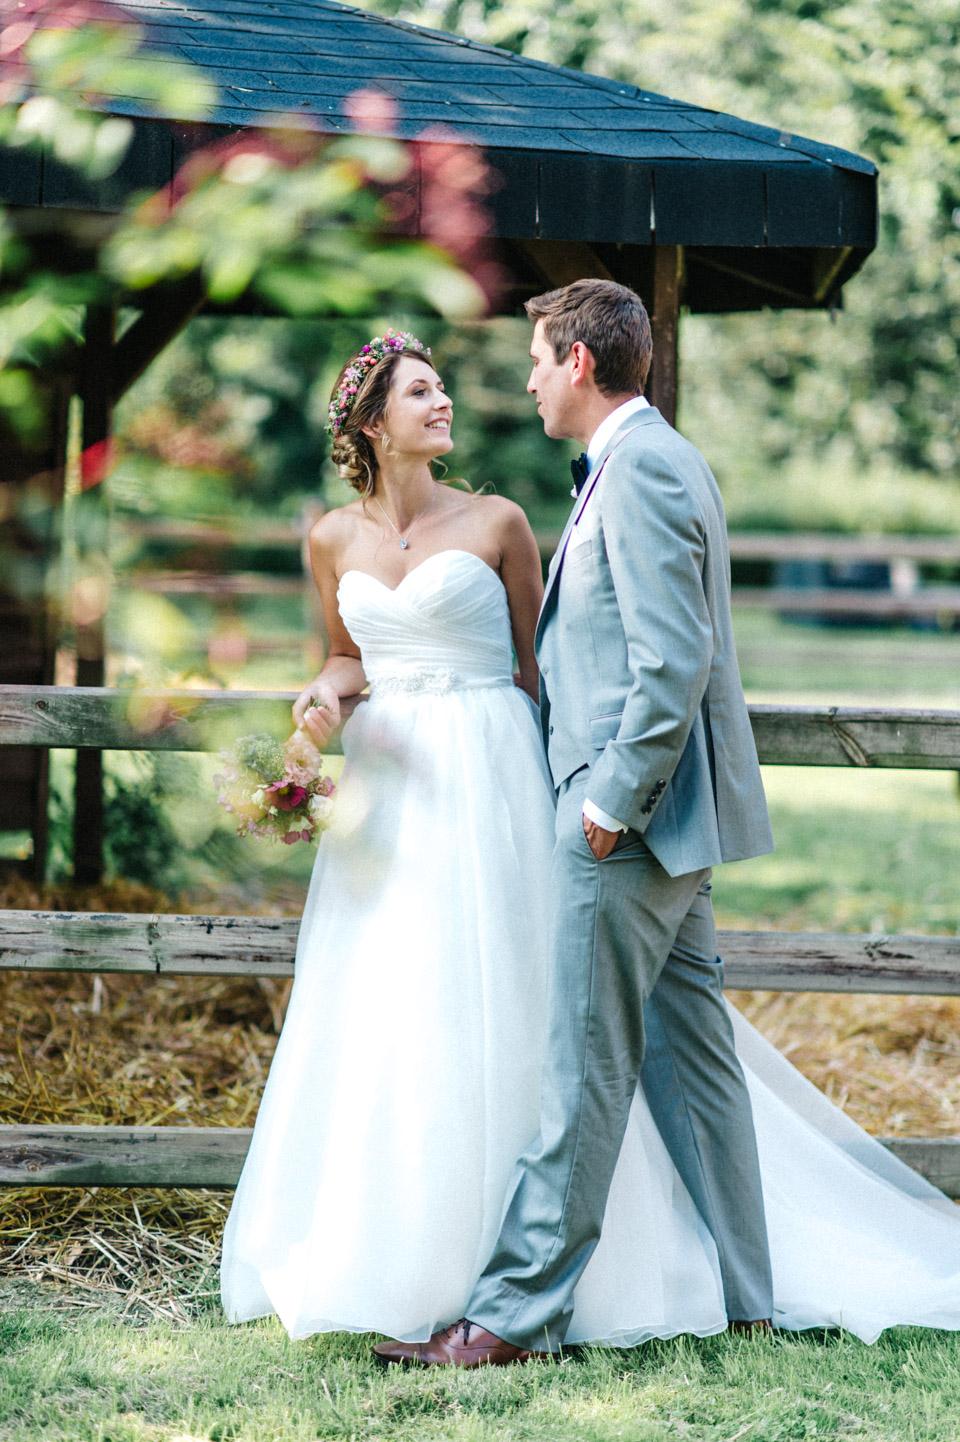 gut-hohenholz-wedding-fotos-63